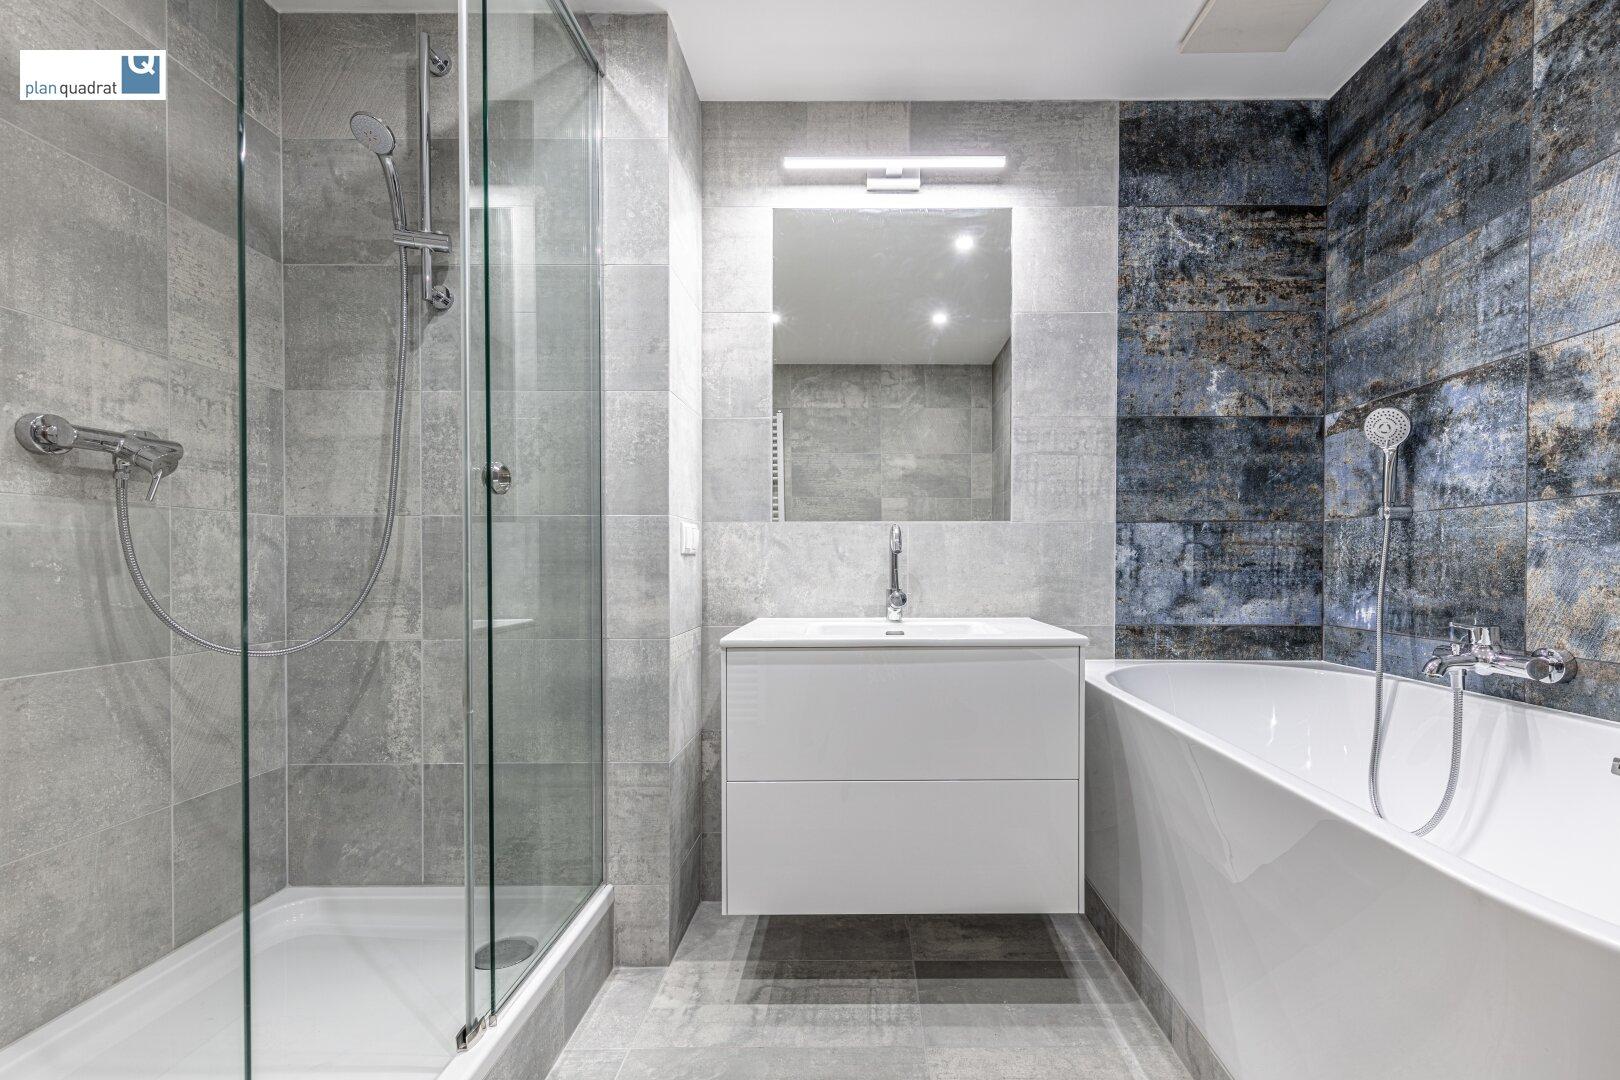 Badezimmer (ca. 6,80 m²) mit Badewanne, Dusche und Wa-Ma-Anschluss